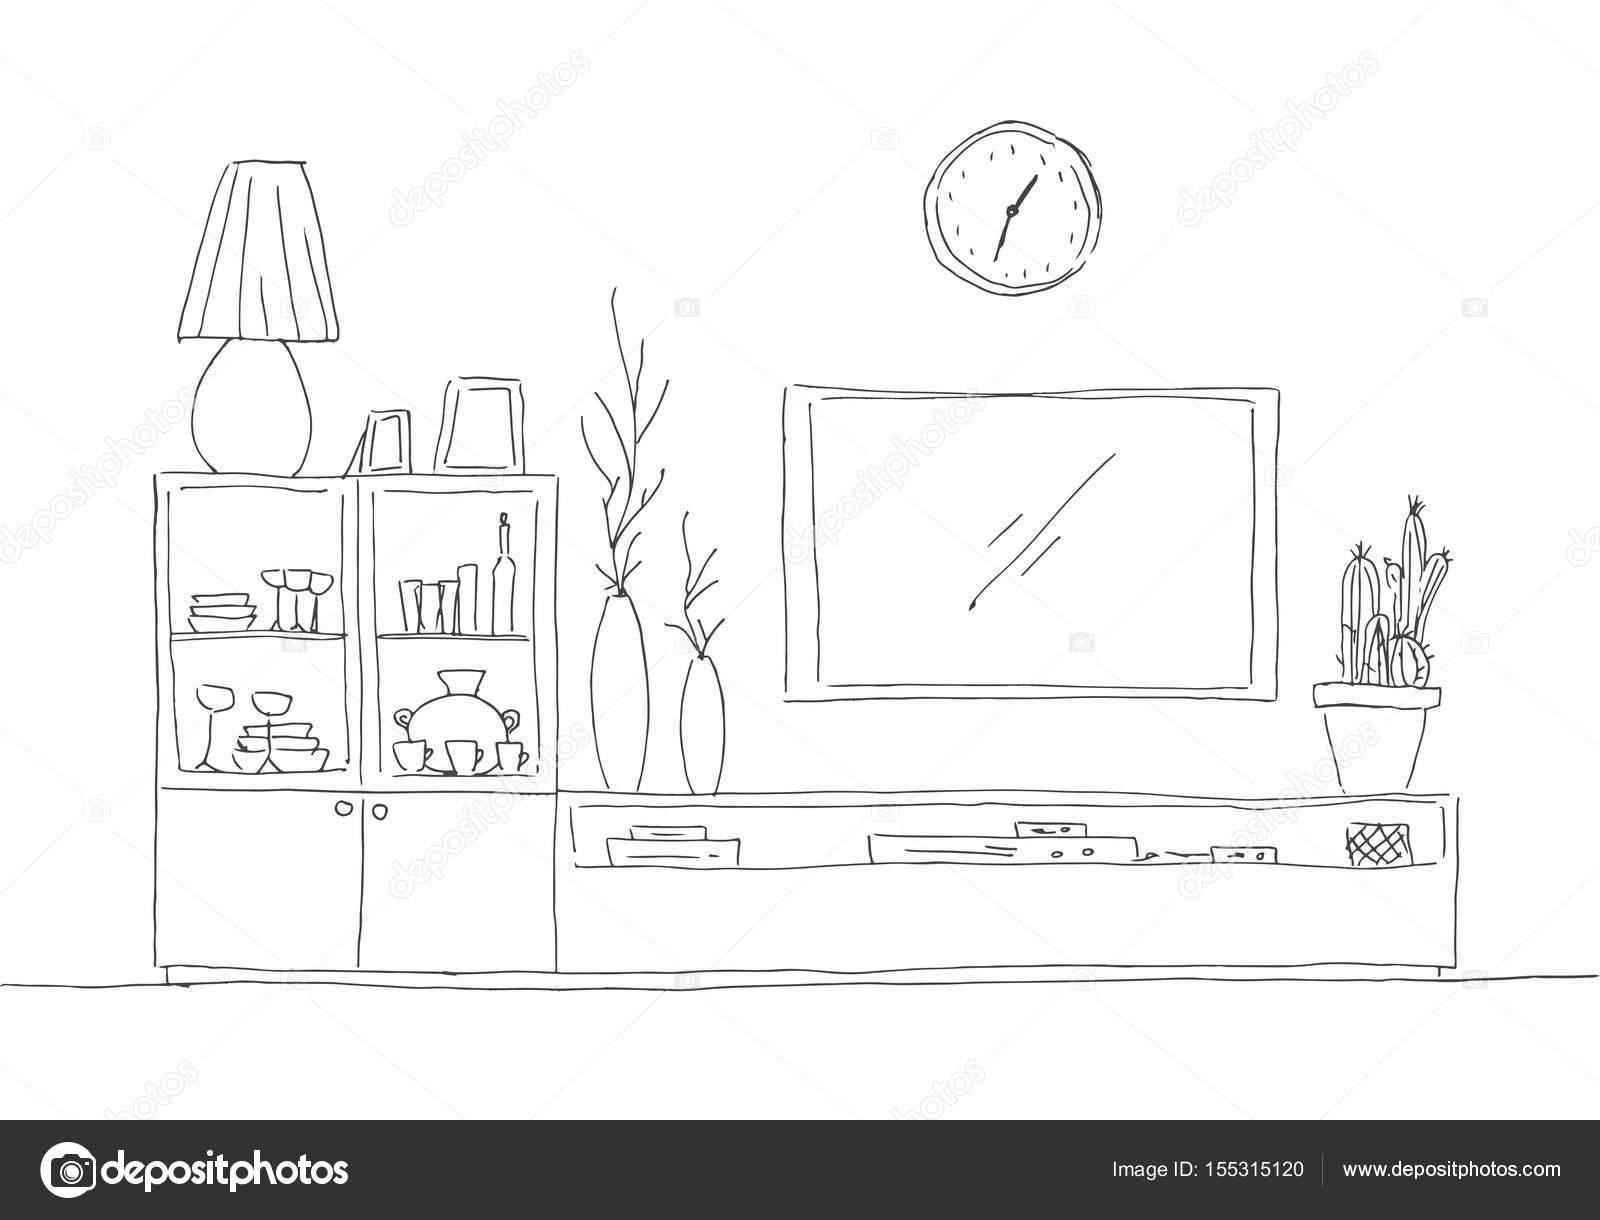 dresser shelves